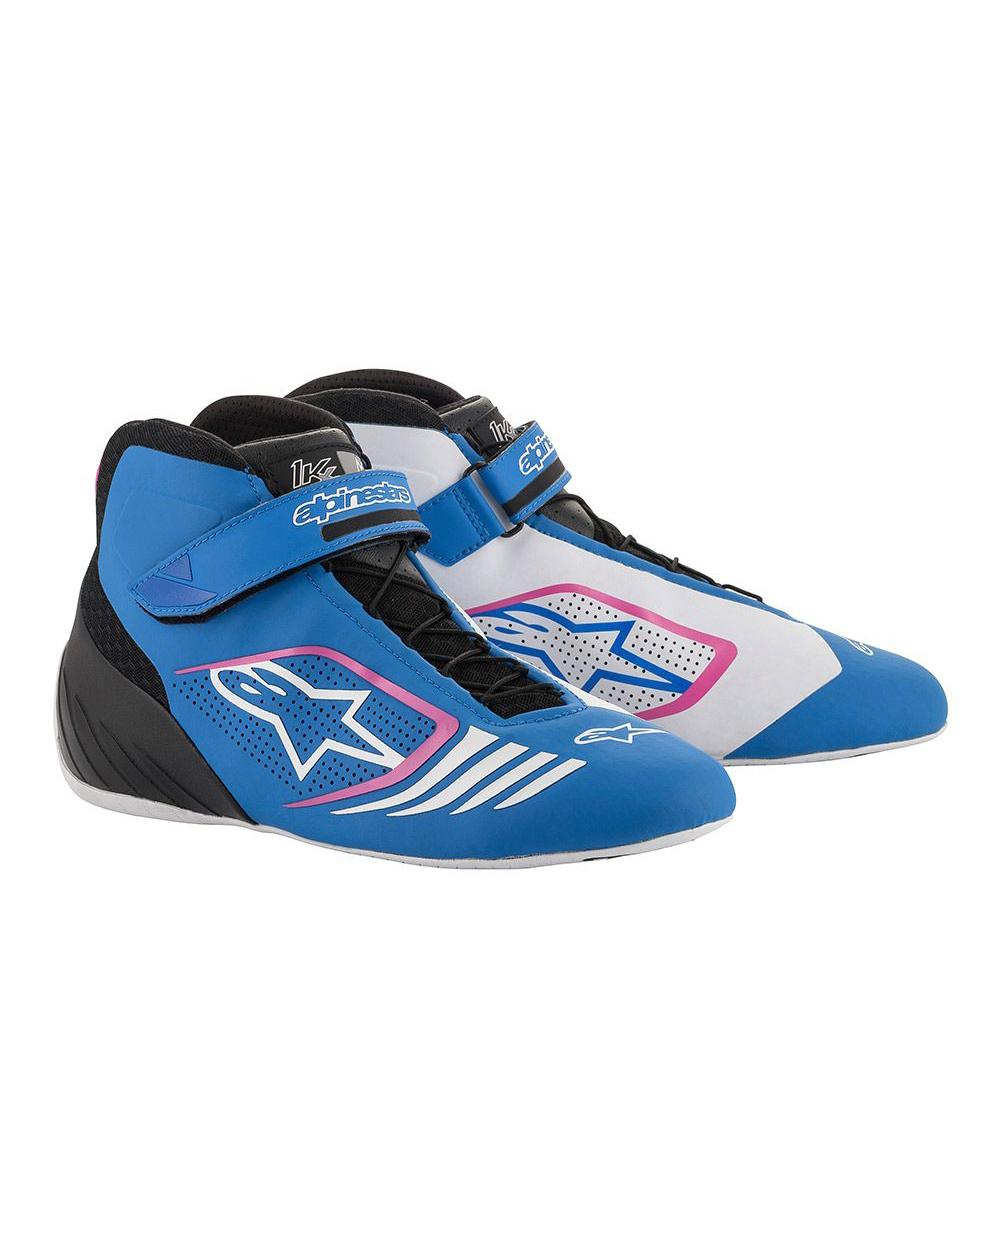 Alpinestars Tech-1 KX Chaussures Bleu Noir Fuchsia